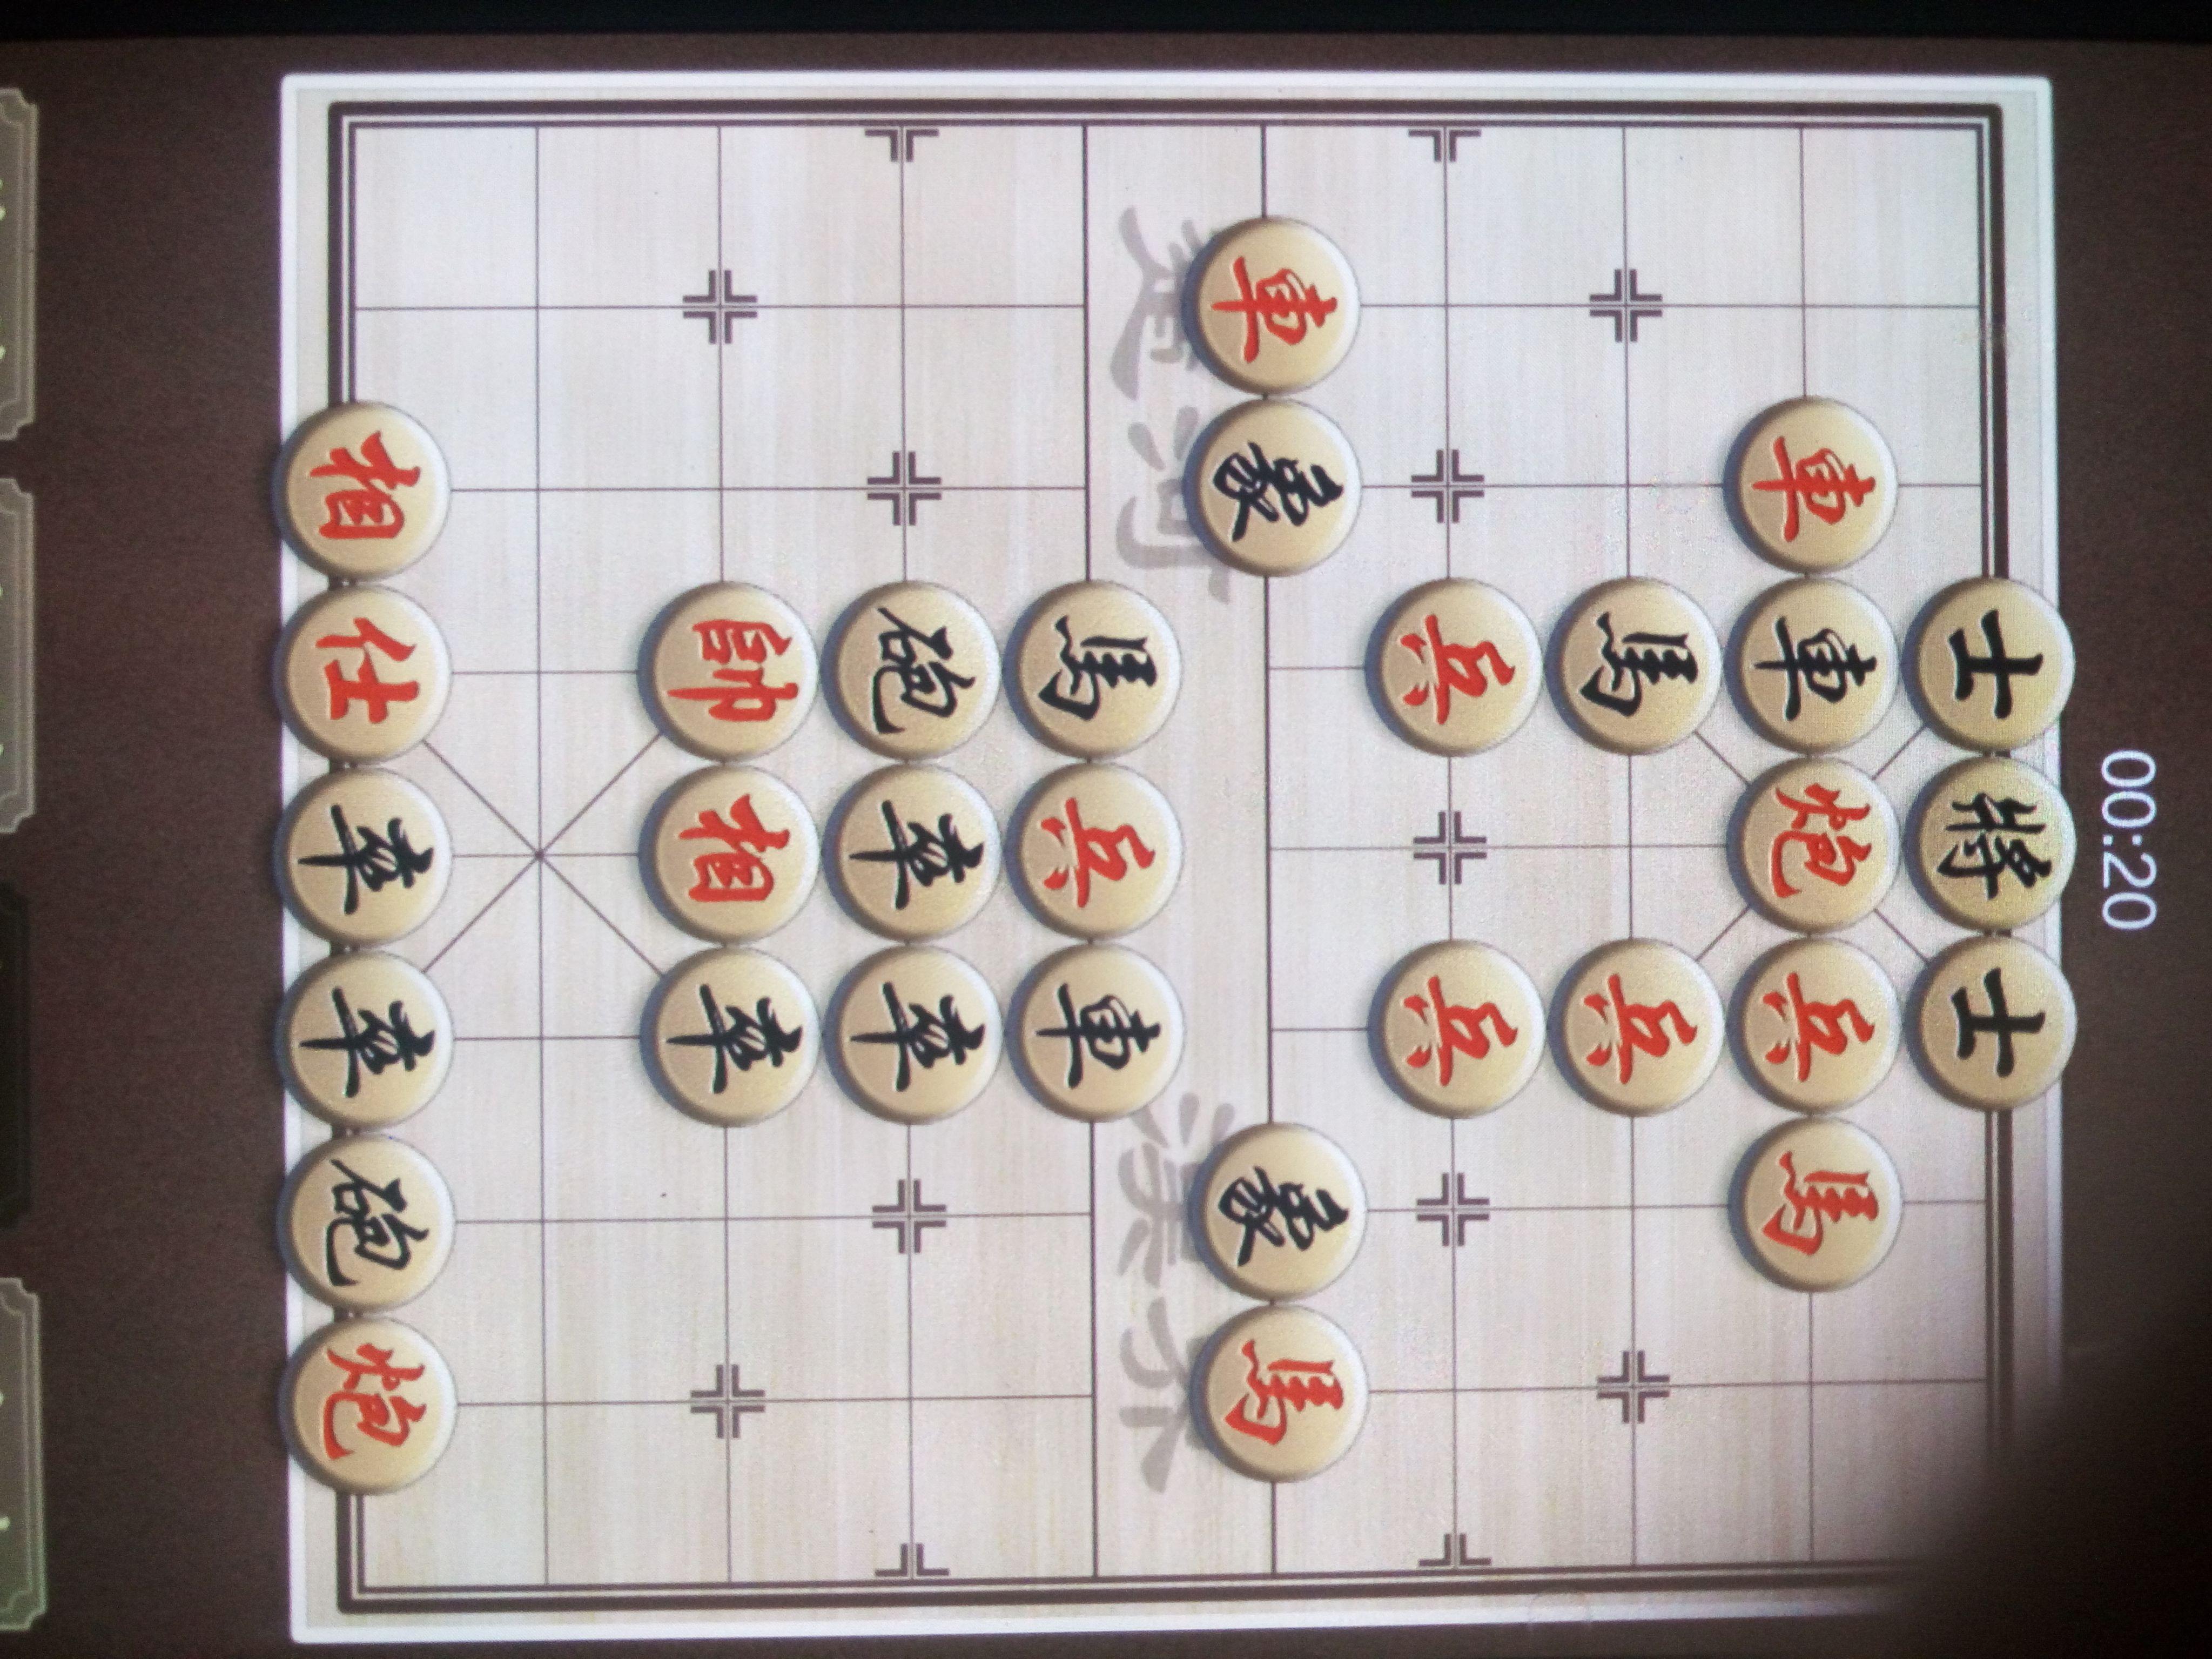 亲朋棋牌官方下载|亲朋棋牌游戏下载v3.2 官方最新版_西西软件下载